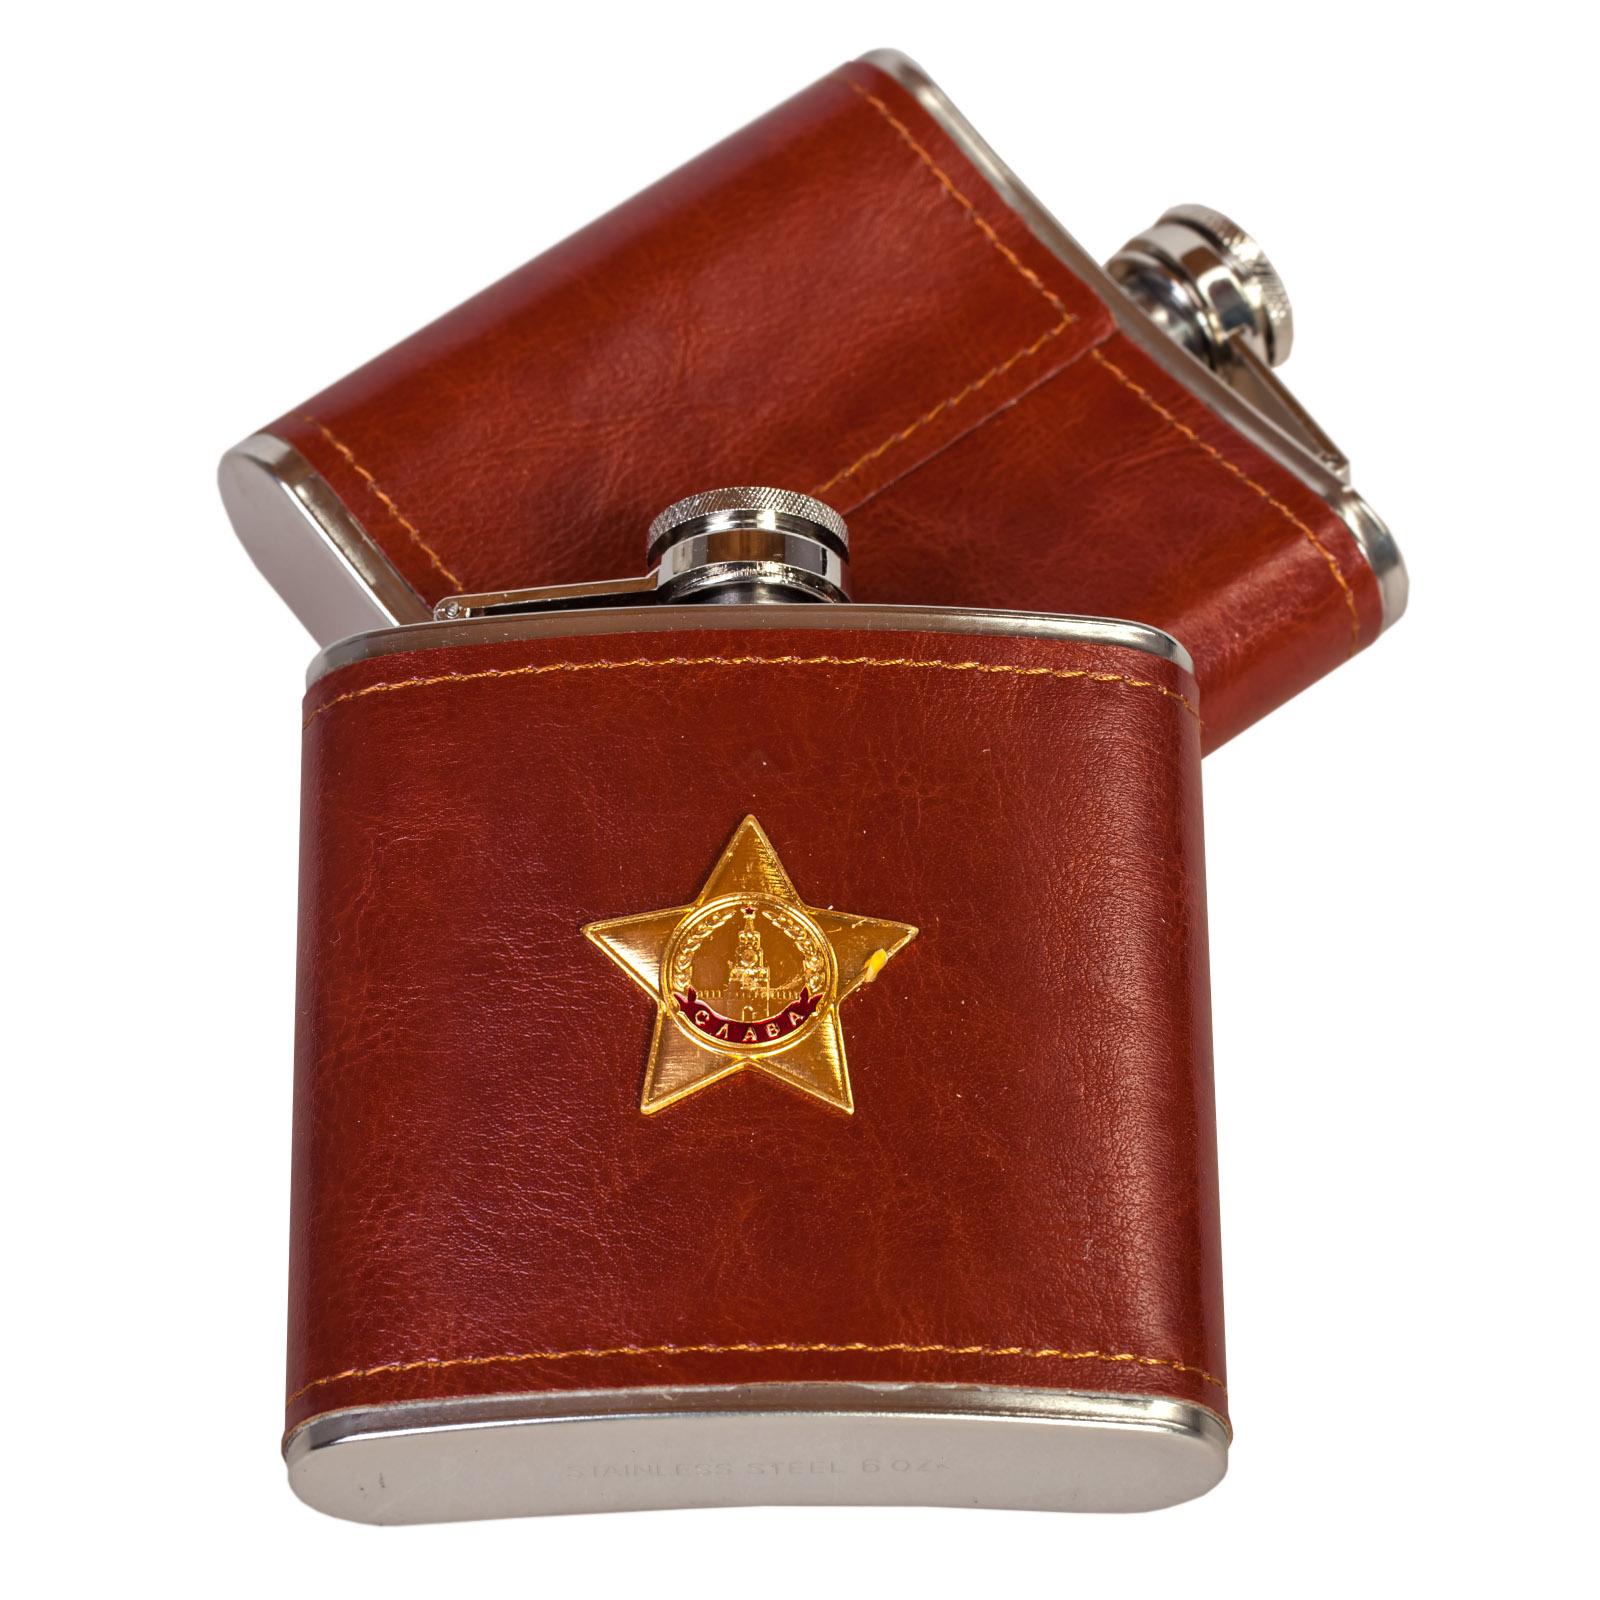 Сувенирная фляжка в коже с объемным Орденом Славы.